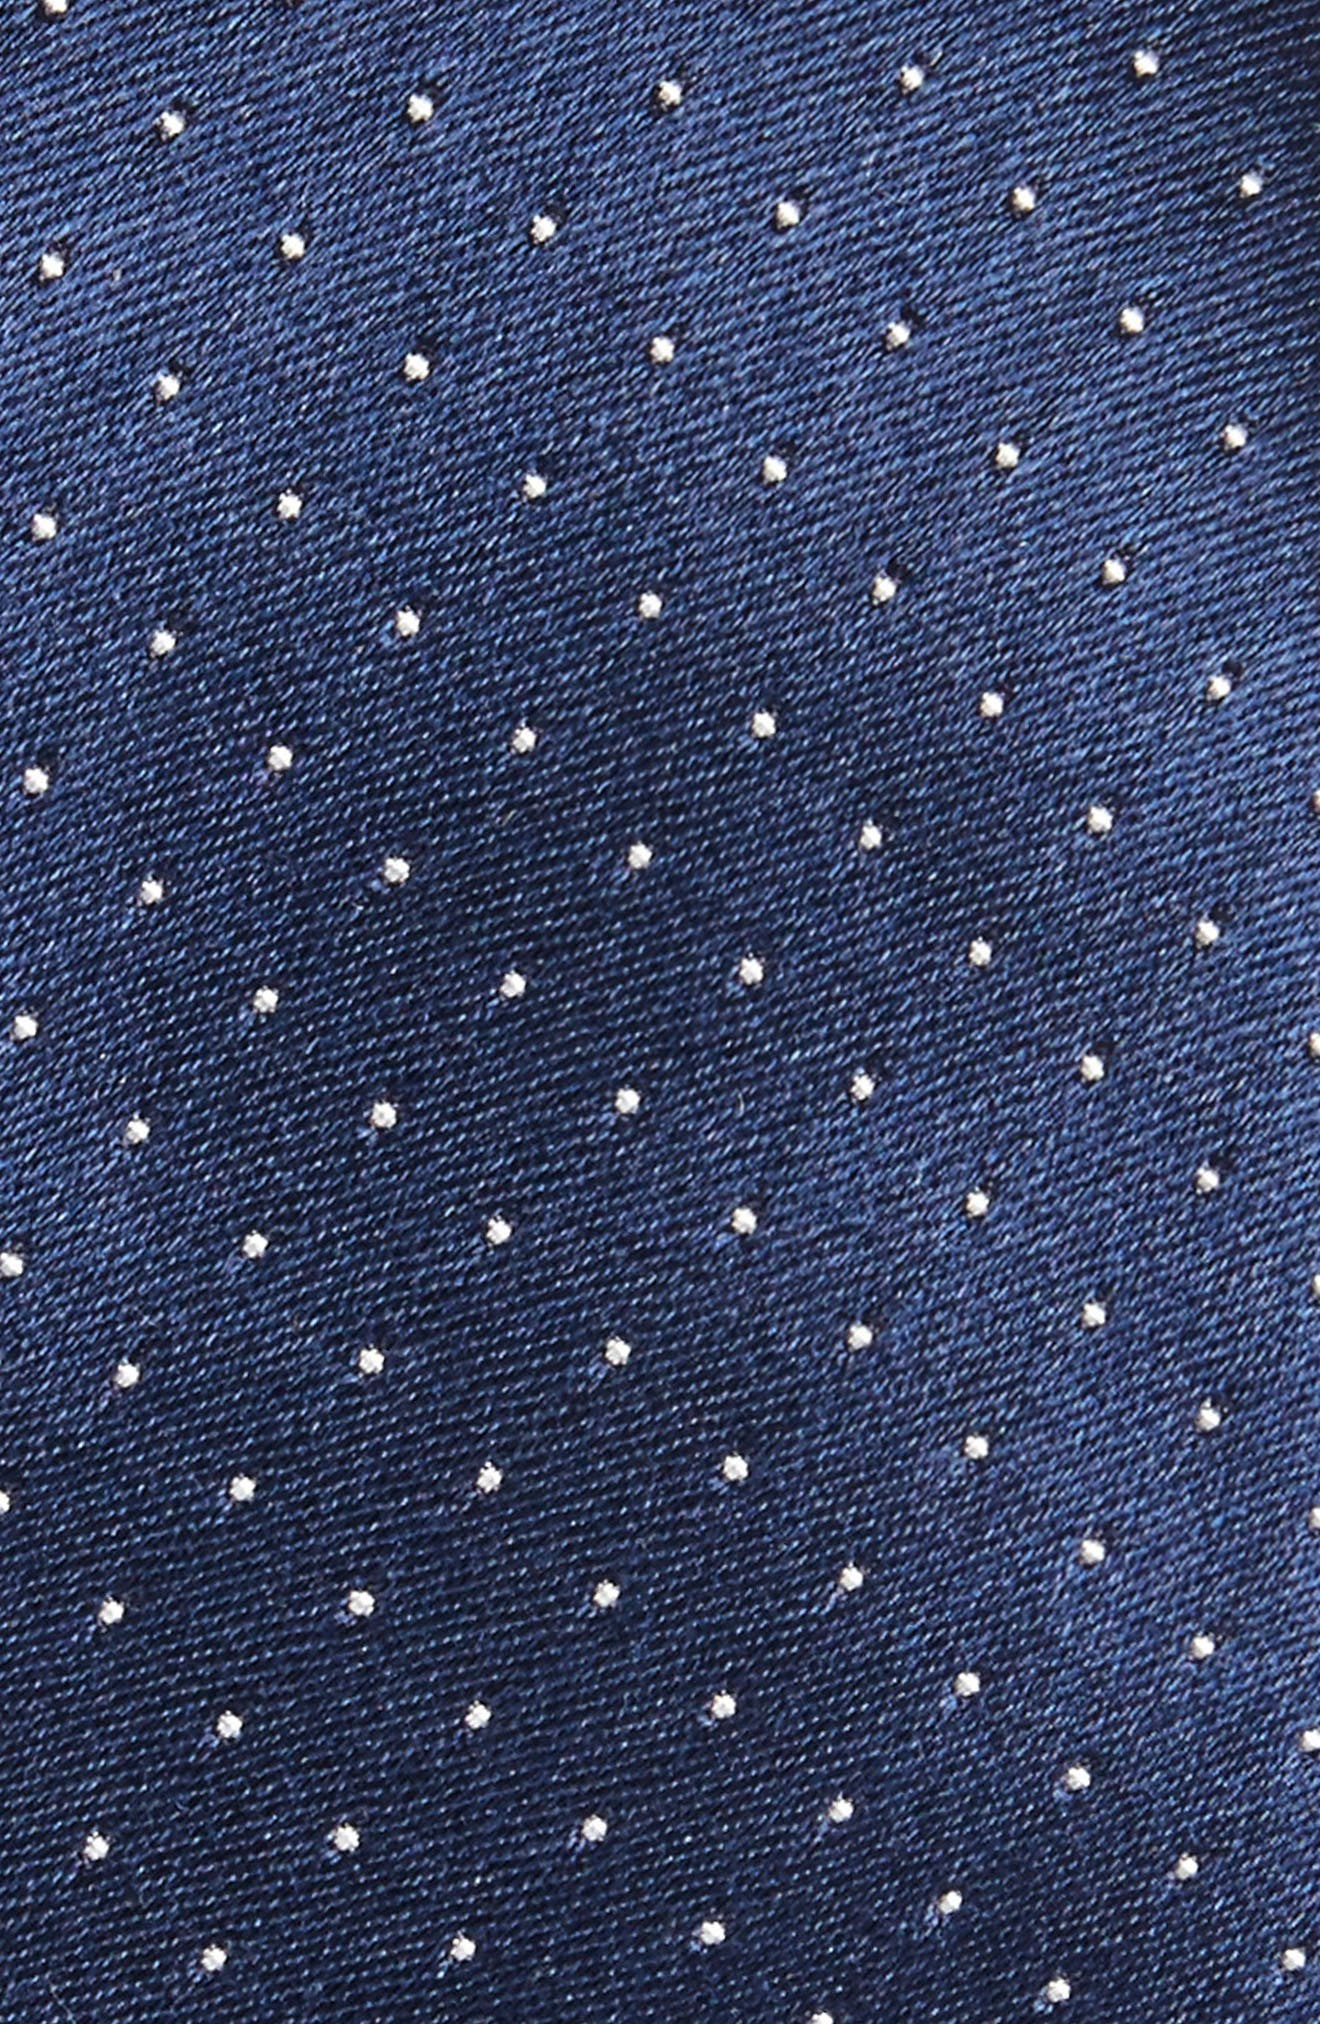 Dot Silk Skinny Tie,                             Alternate thumbnail 2, color,                             411